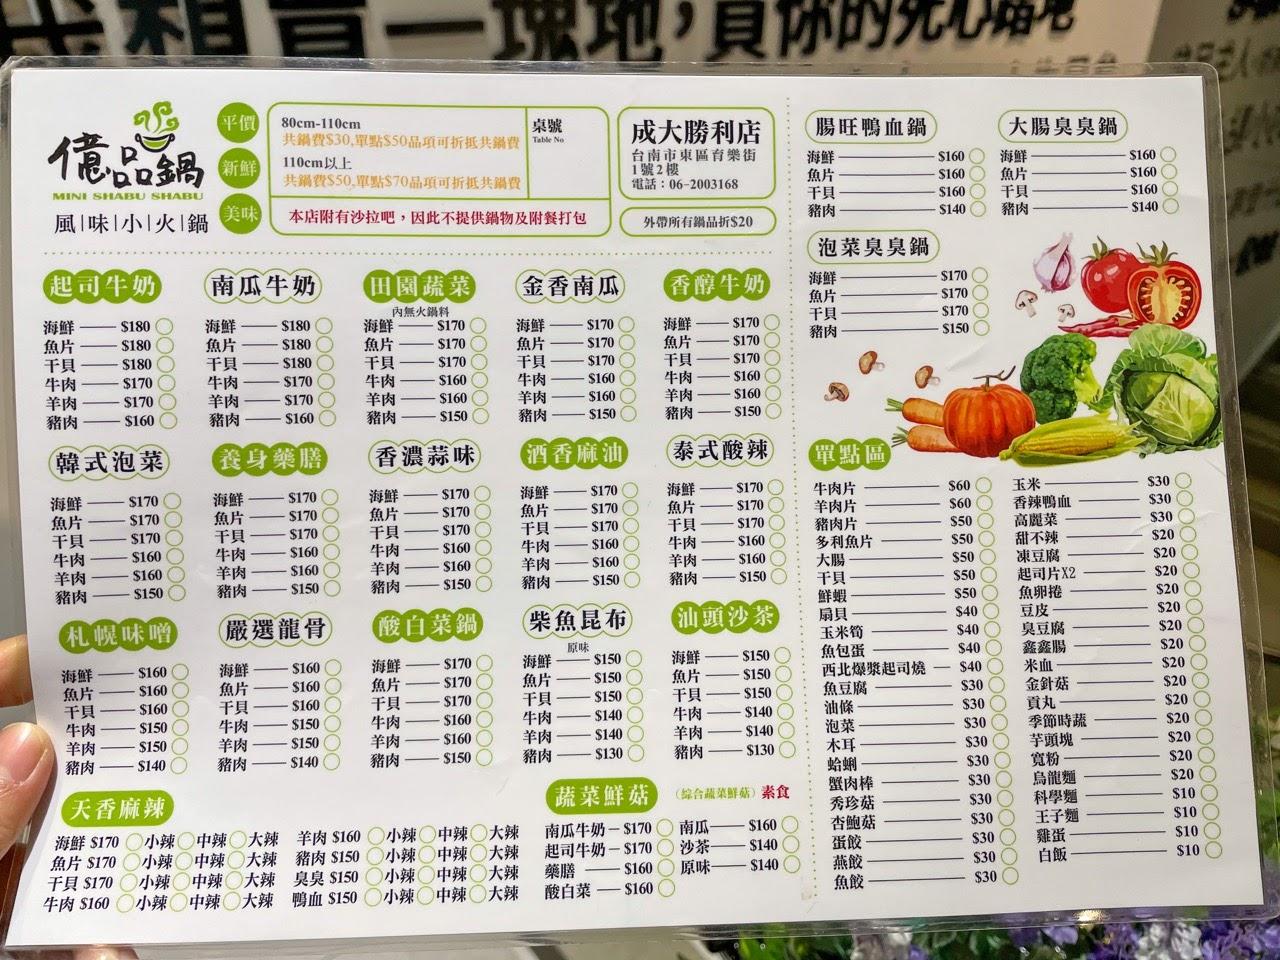 [台南][東區] 億品鍋-成大勝利店|文青風格高品質平價小火鍋|日式涼麵、豬油拌飯、生菜沙拉、甜點冰品吃到飽